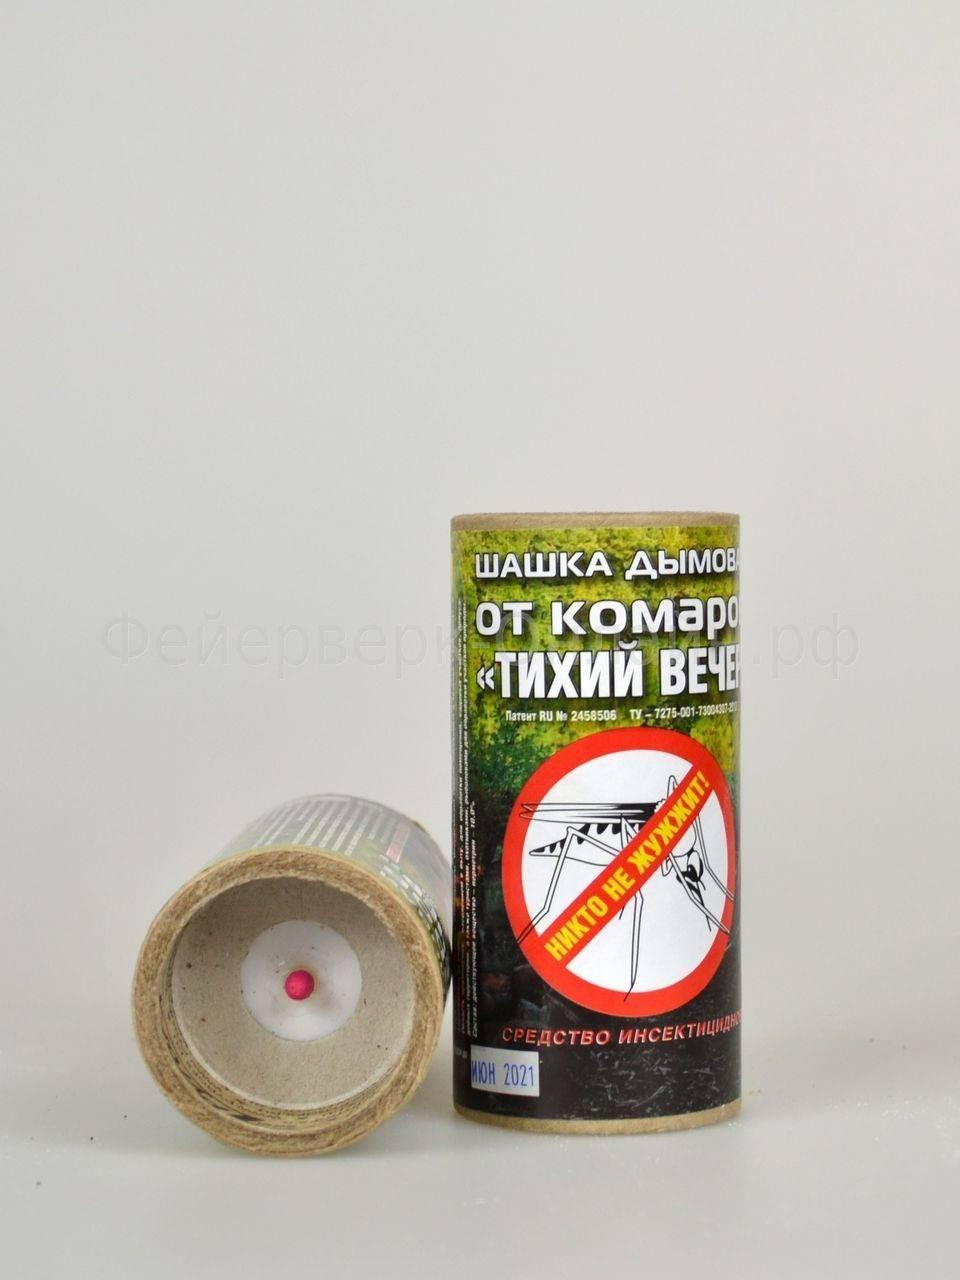 Эффективные дымовые шашки от комаров - отзывы и описание